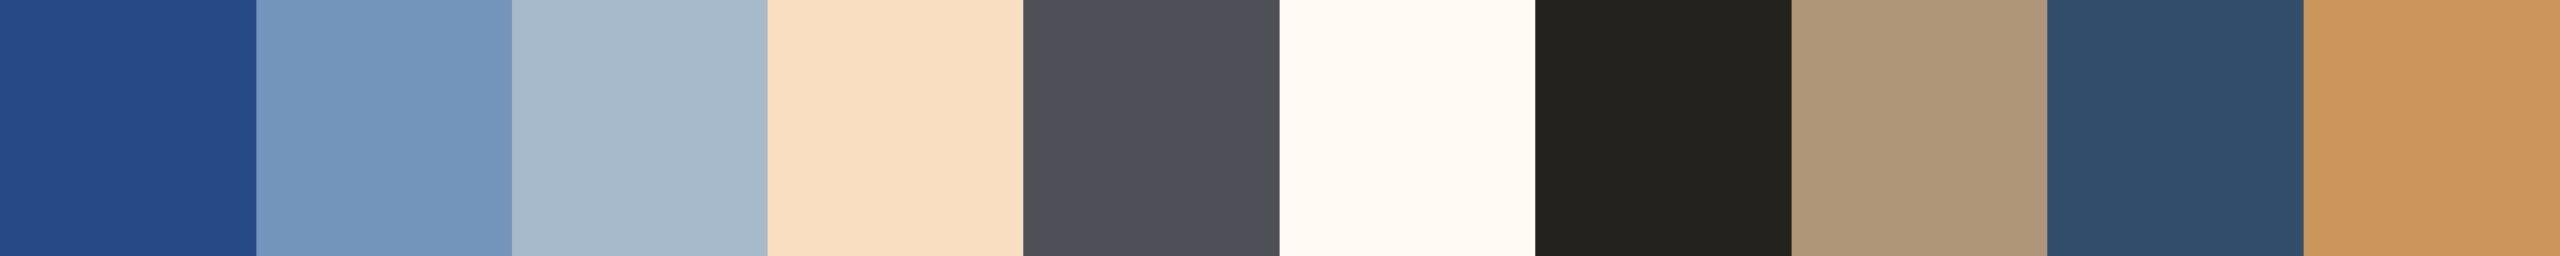 181 Exitevia Color Palette